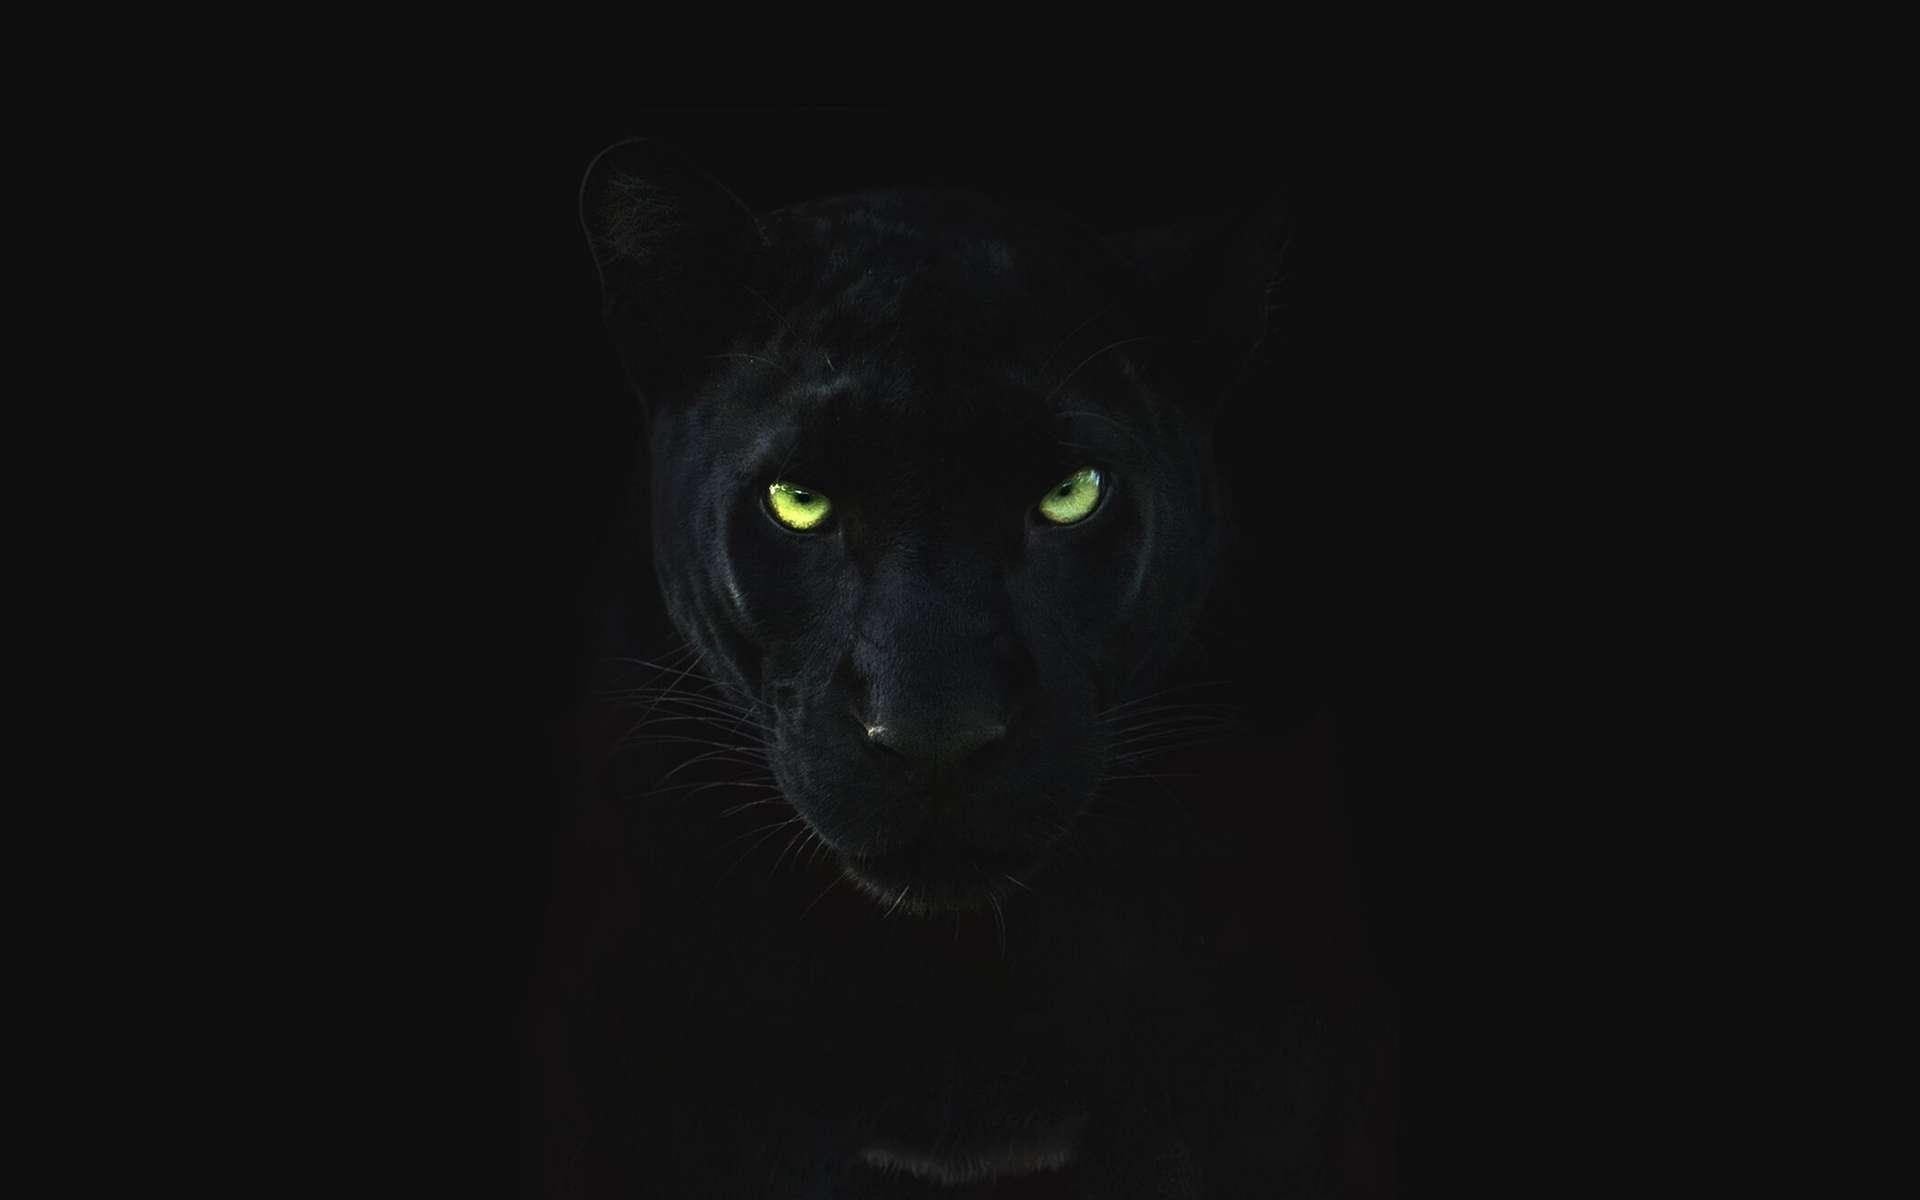 La panthère noire, aussi appelée léopard noir, est un léopard atteint d'une mutation génétique. © National Geographic